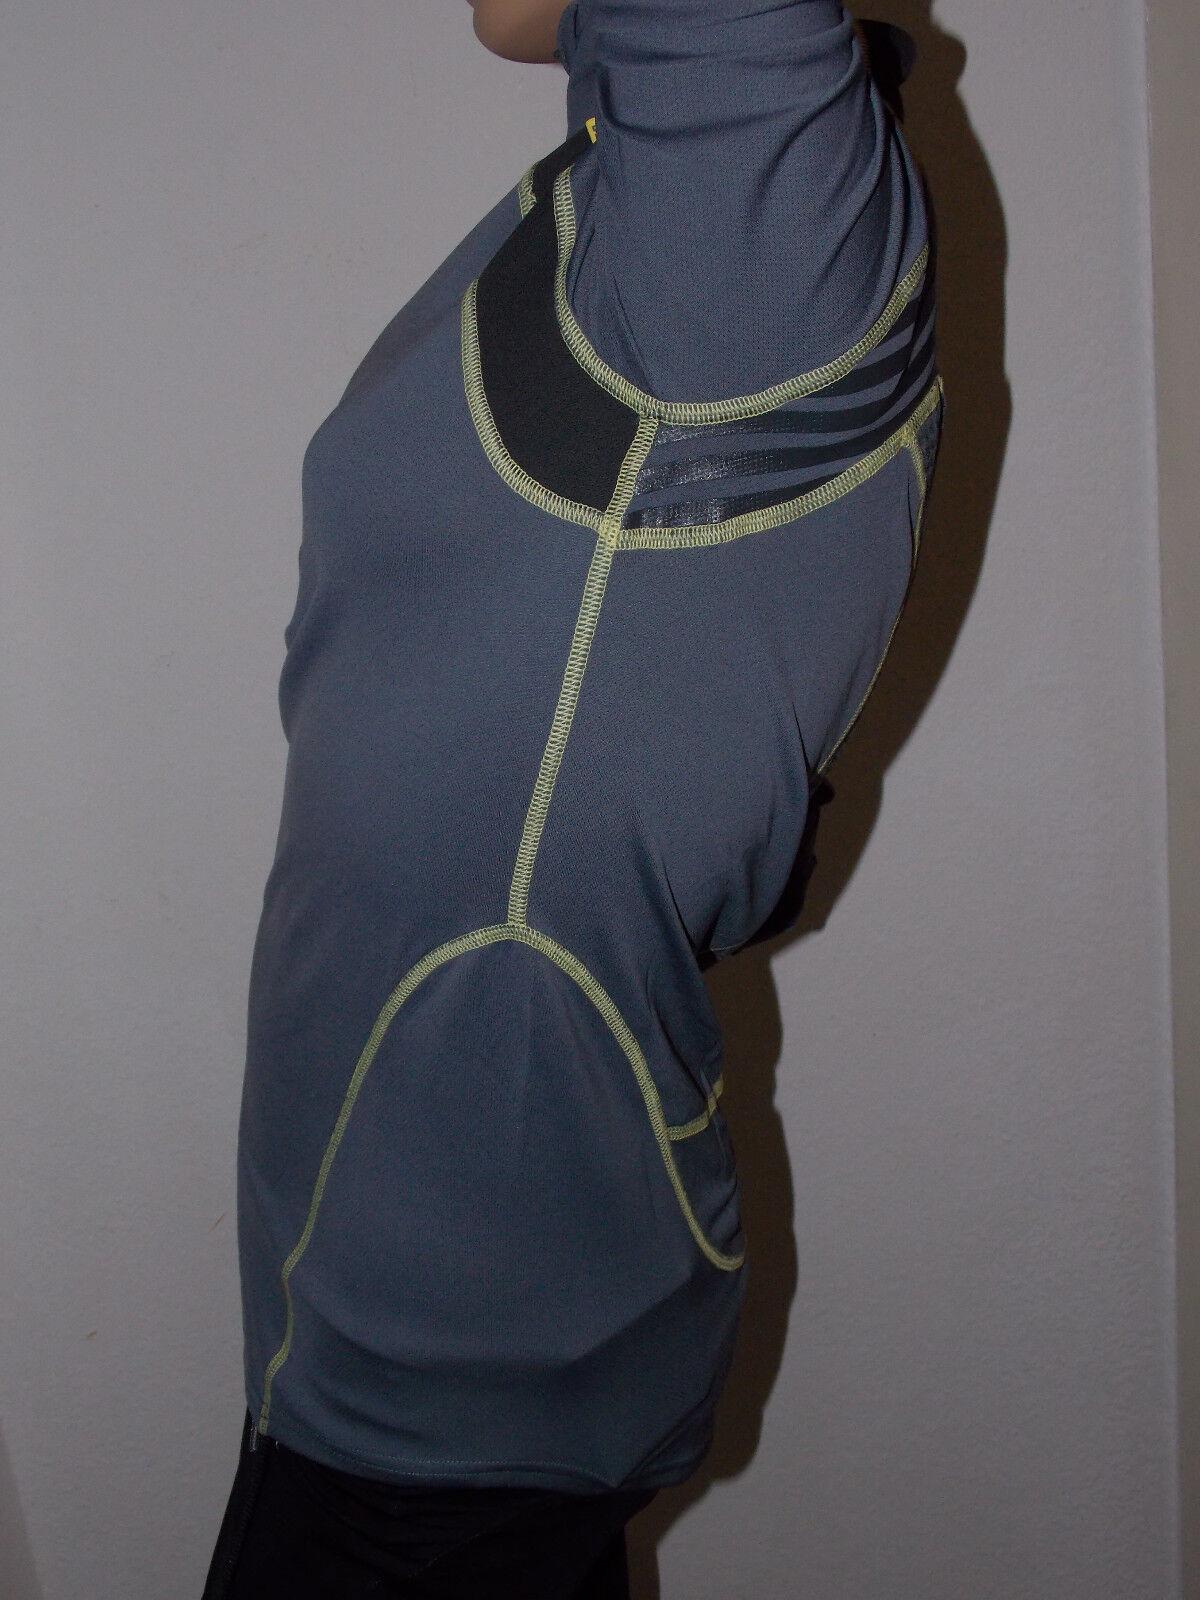 Frauen langarm langarm langarm Joggin Sportshirt Helly Hansen mit Sonnenschutz UPS30+ grau Gr. M 1badba